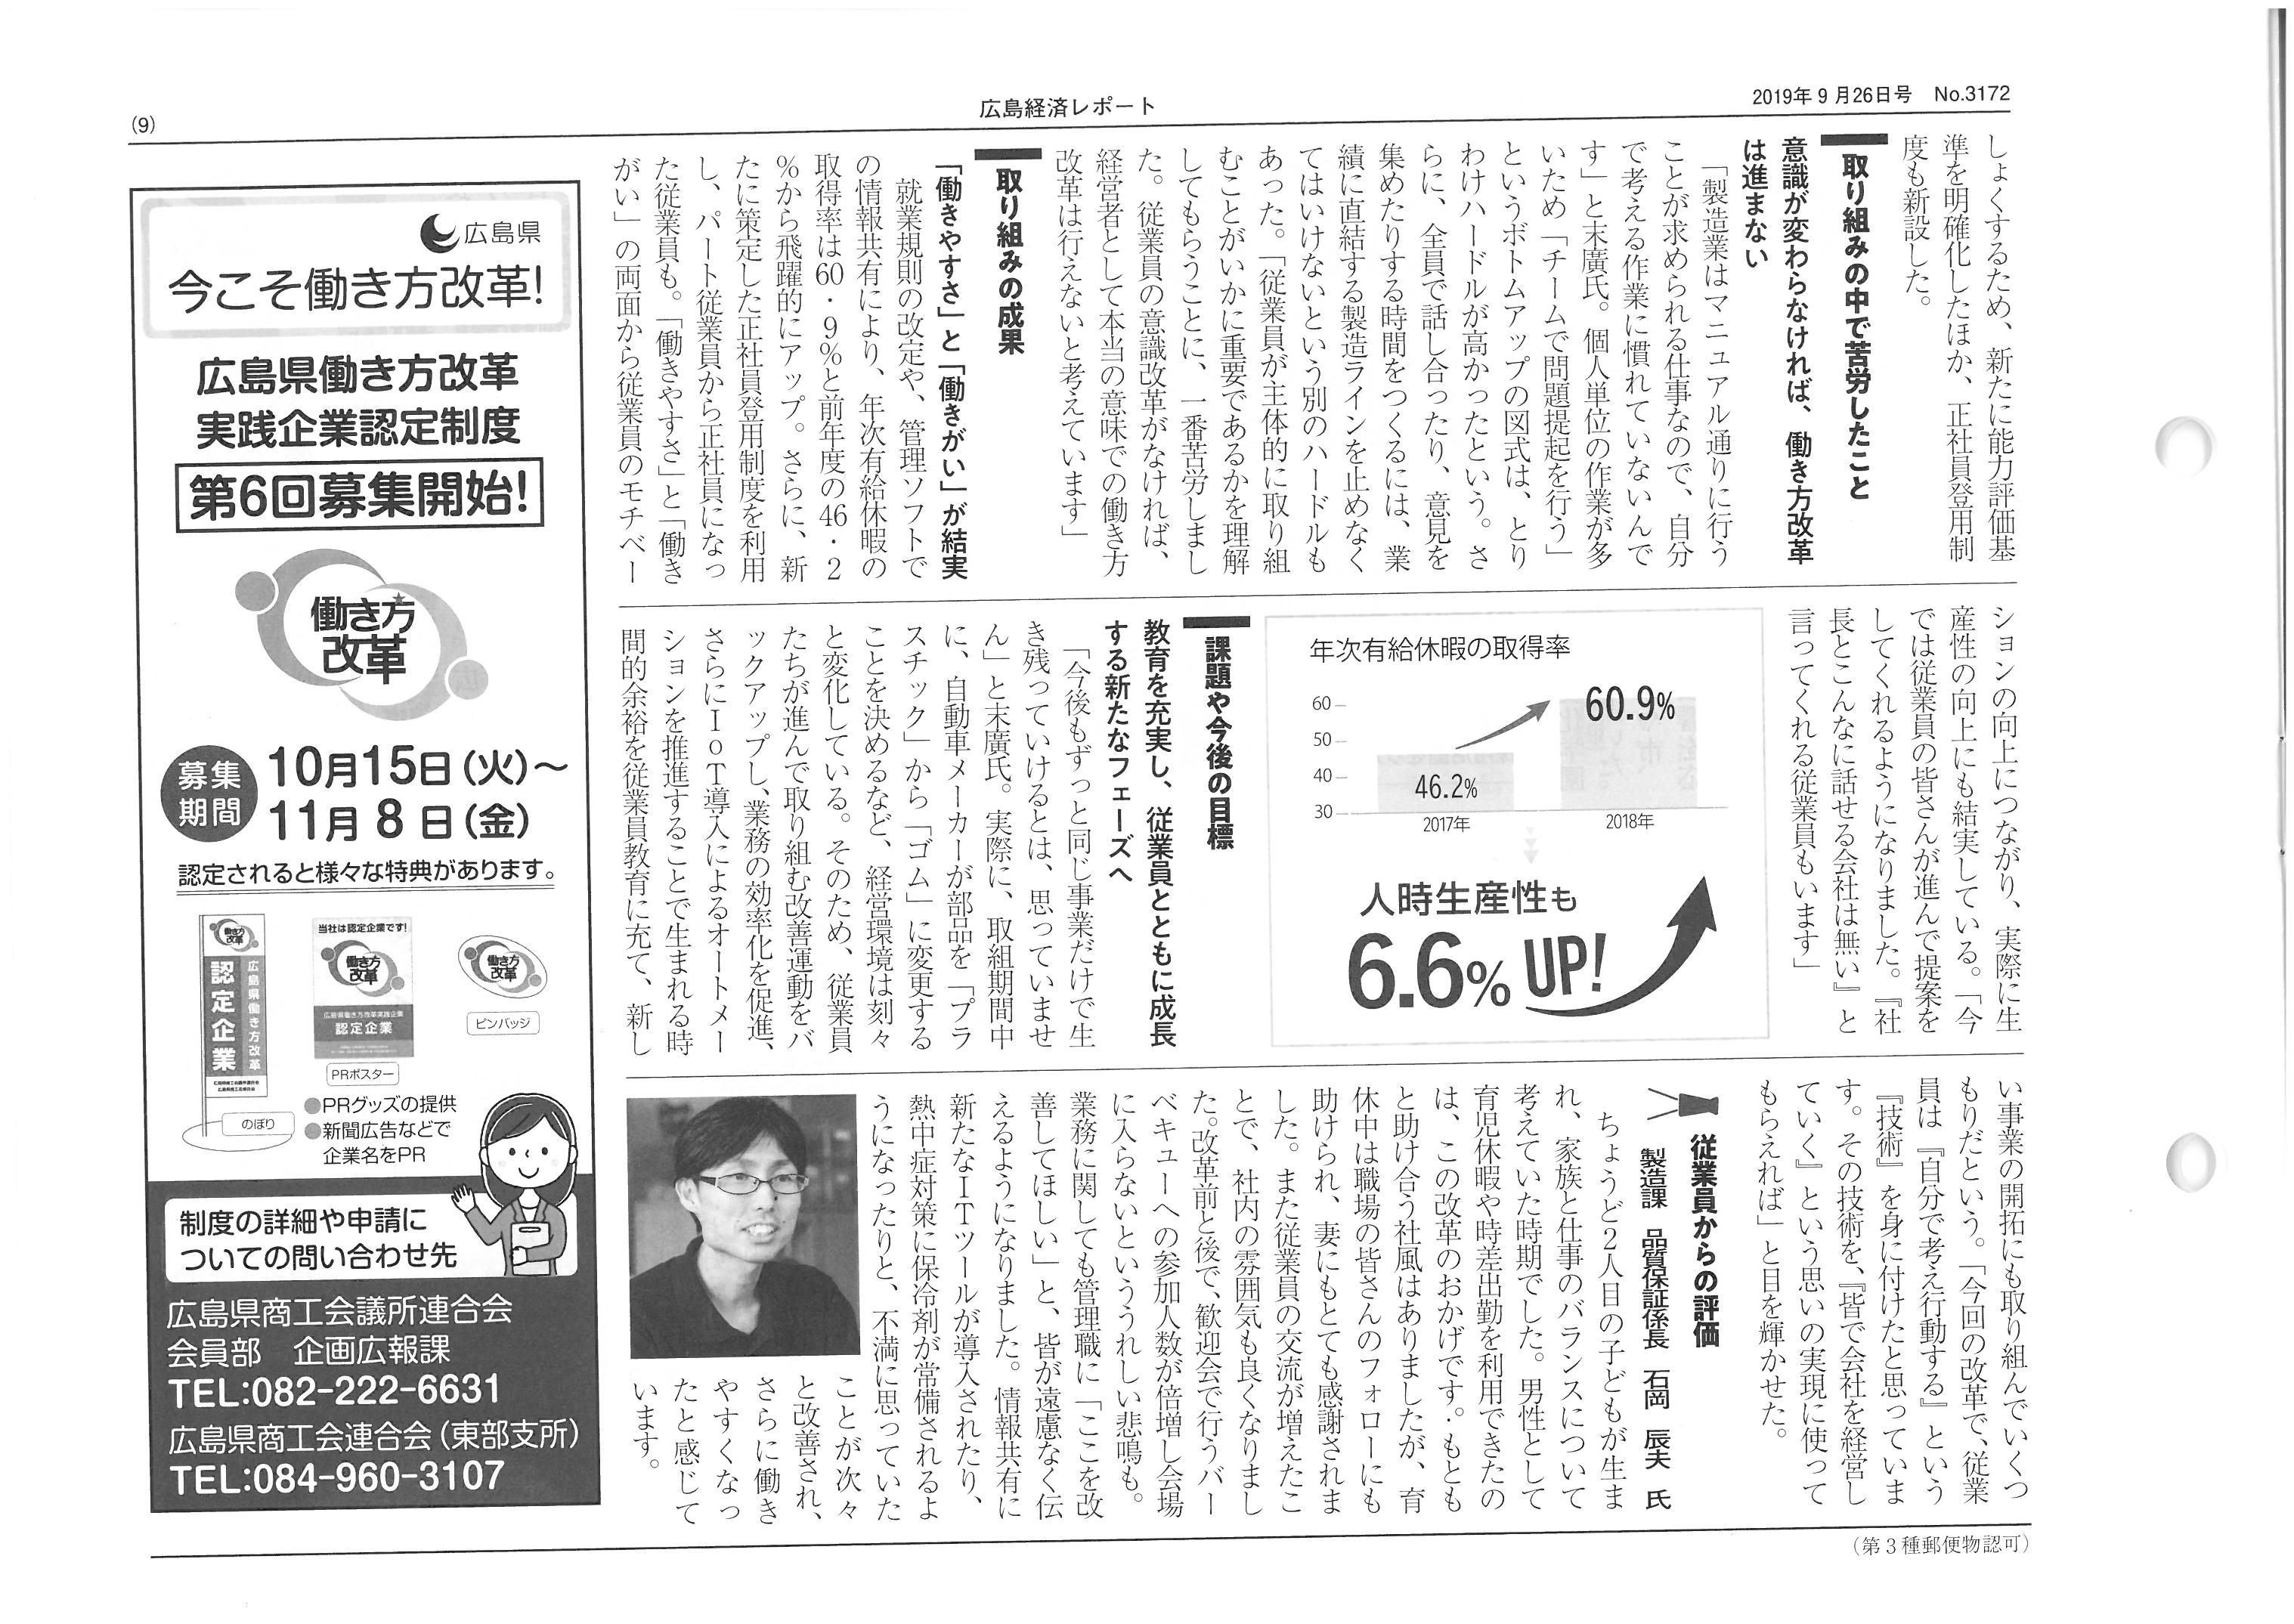 広島経済レポート紙面2